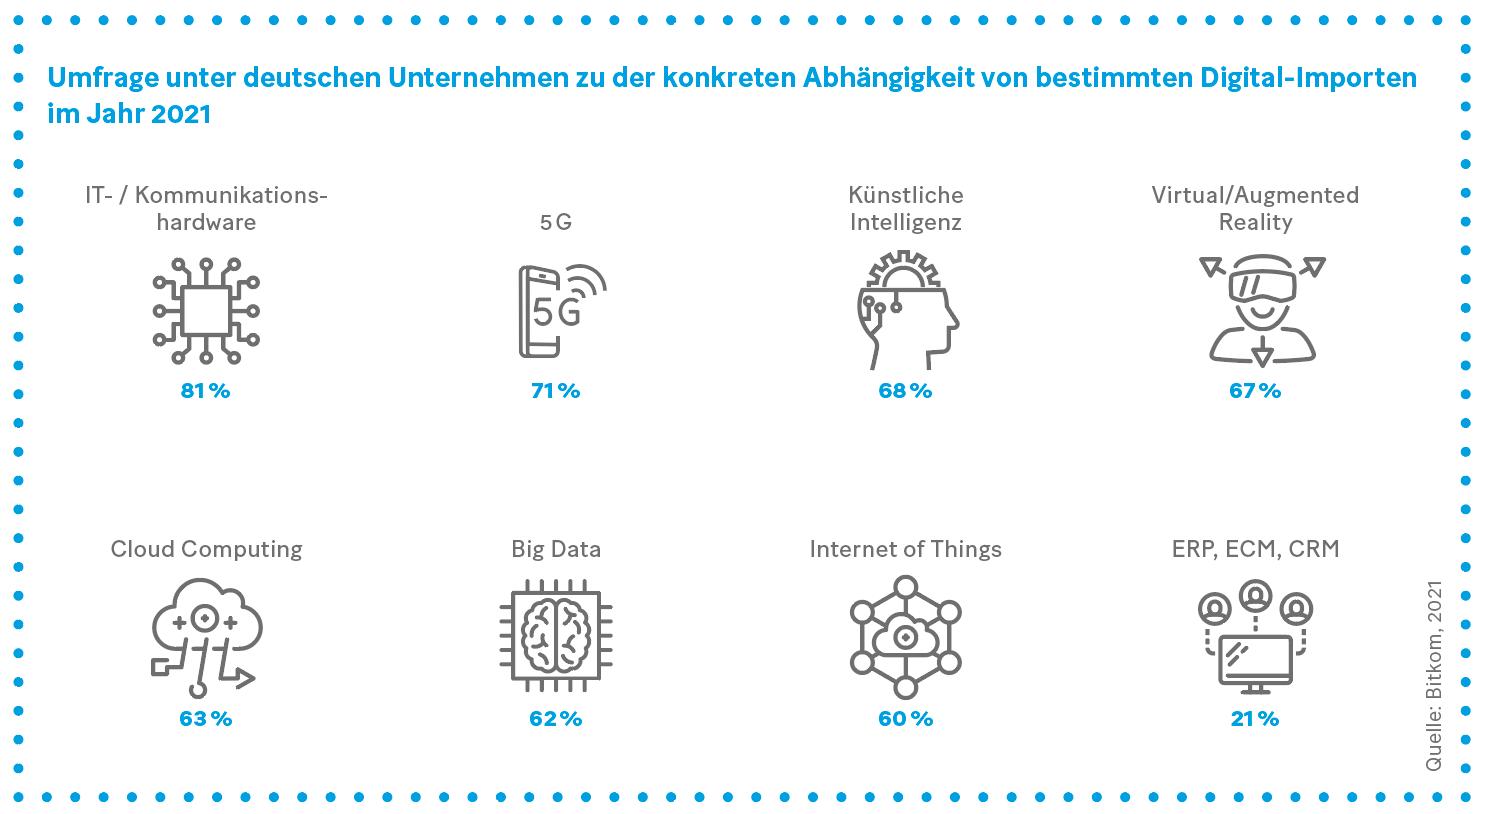 Grafik: Umfrage unter deutschen Unternehmen zu der konkreten Abhängigkeit von bestimmten Digital-Importen im Jahr 2021